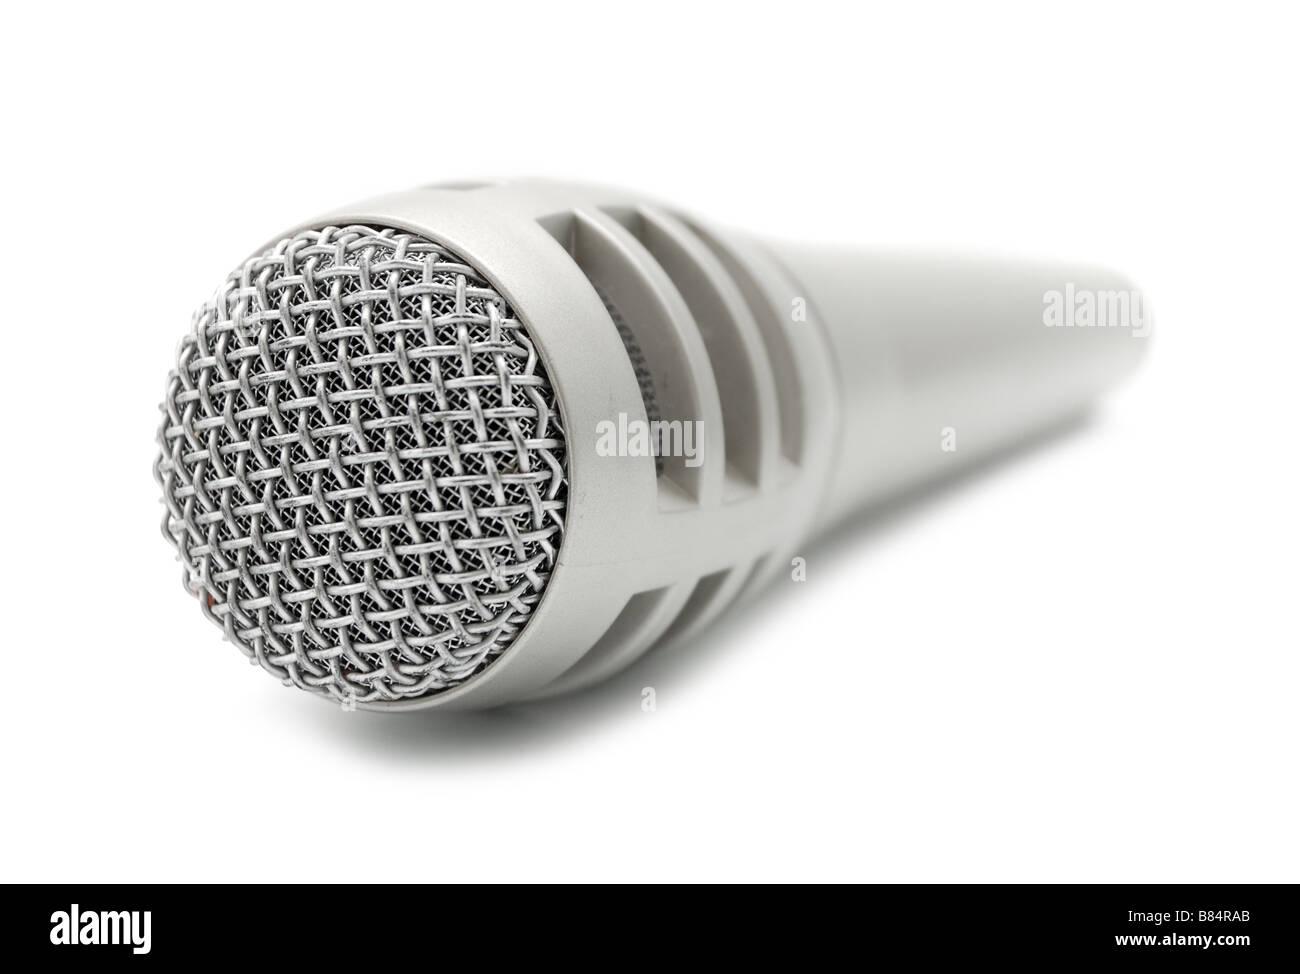 studio microphone isolaten on white - Stock Image